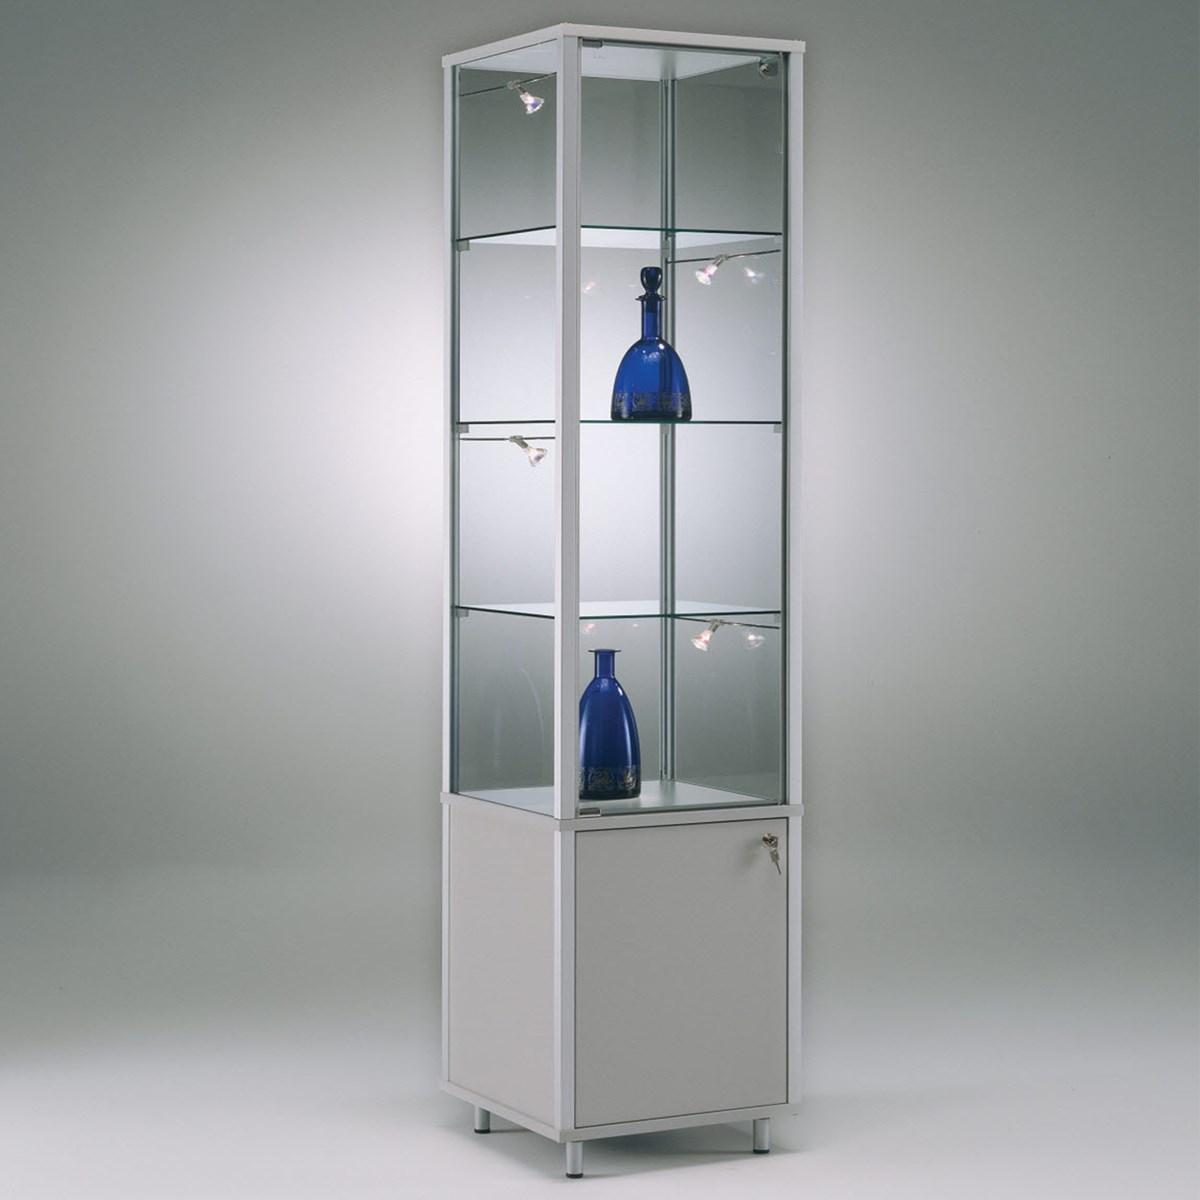 edle glas standvitrine beleuchtet abschlie bar unterschrank mm comsale. Black Bedroom Furniture Sets. Home Design Ideas